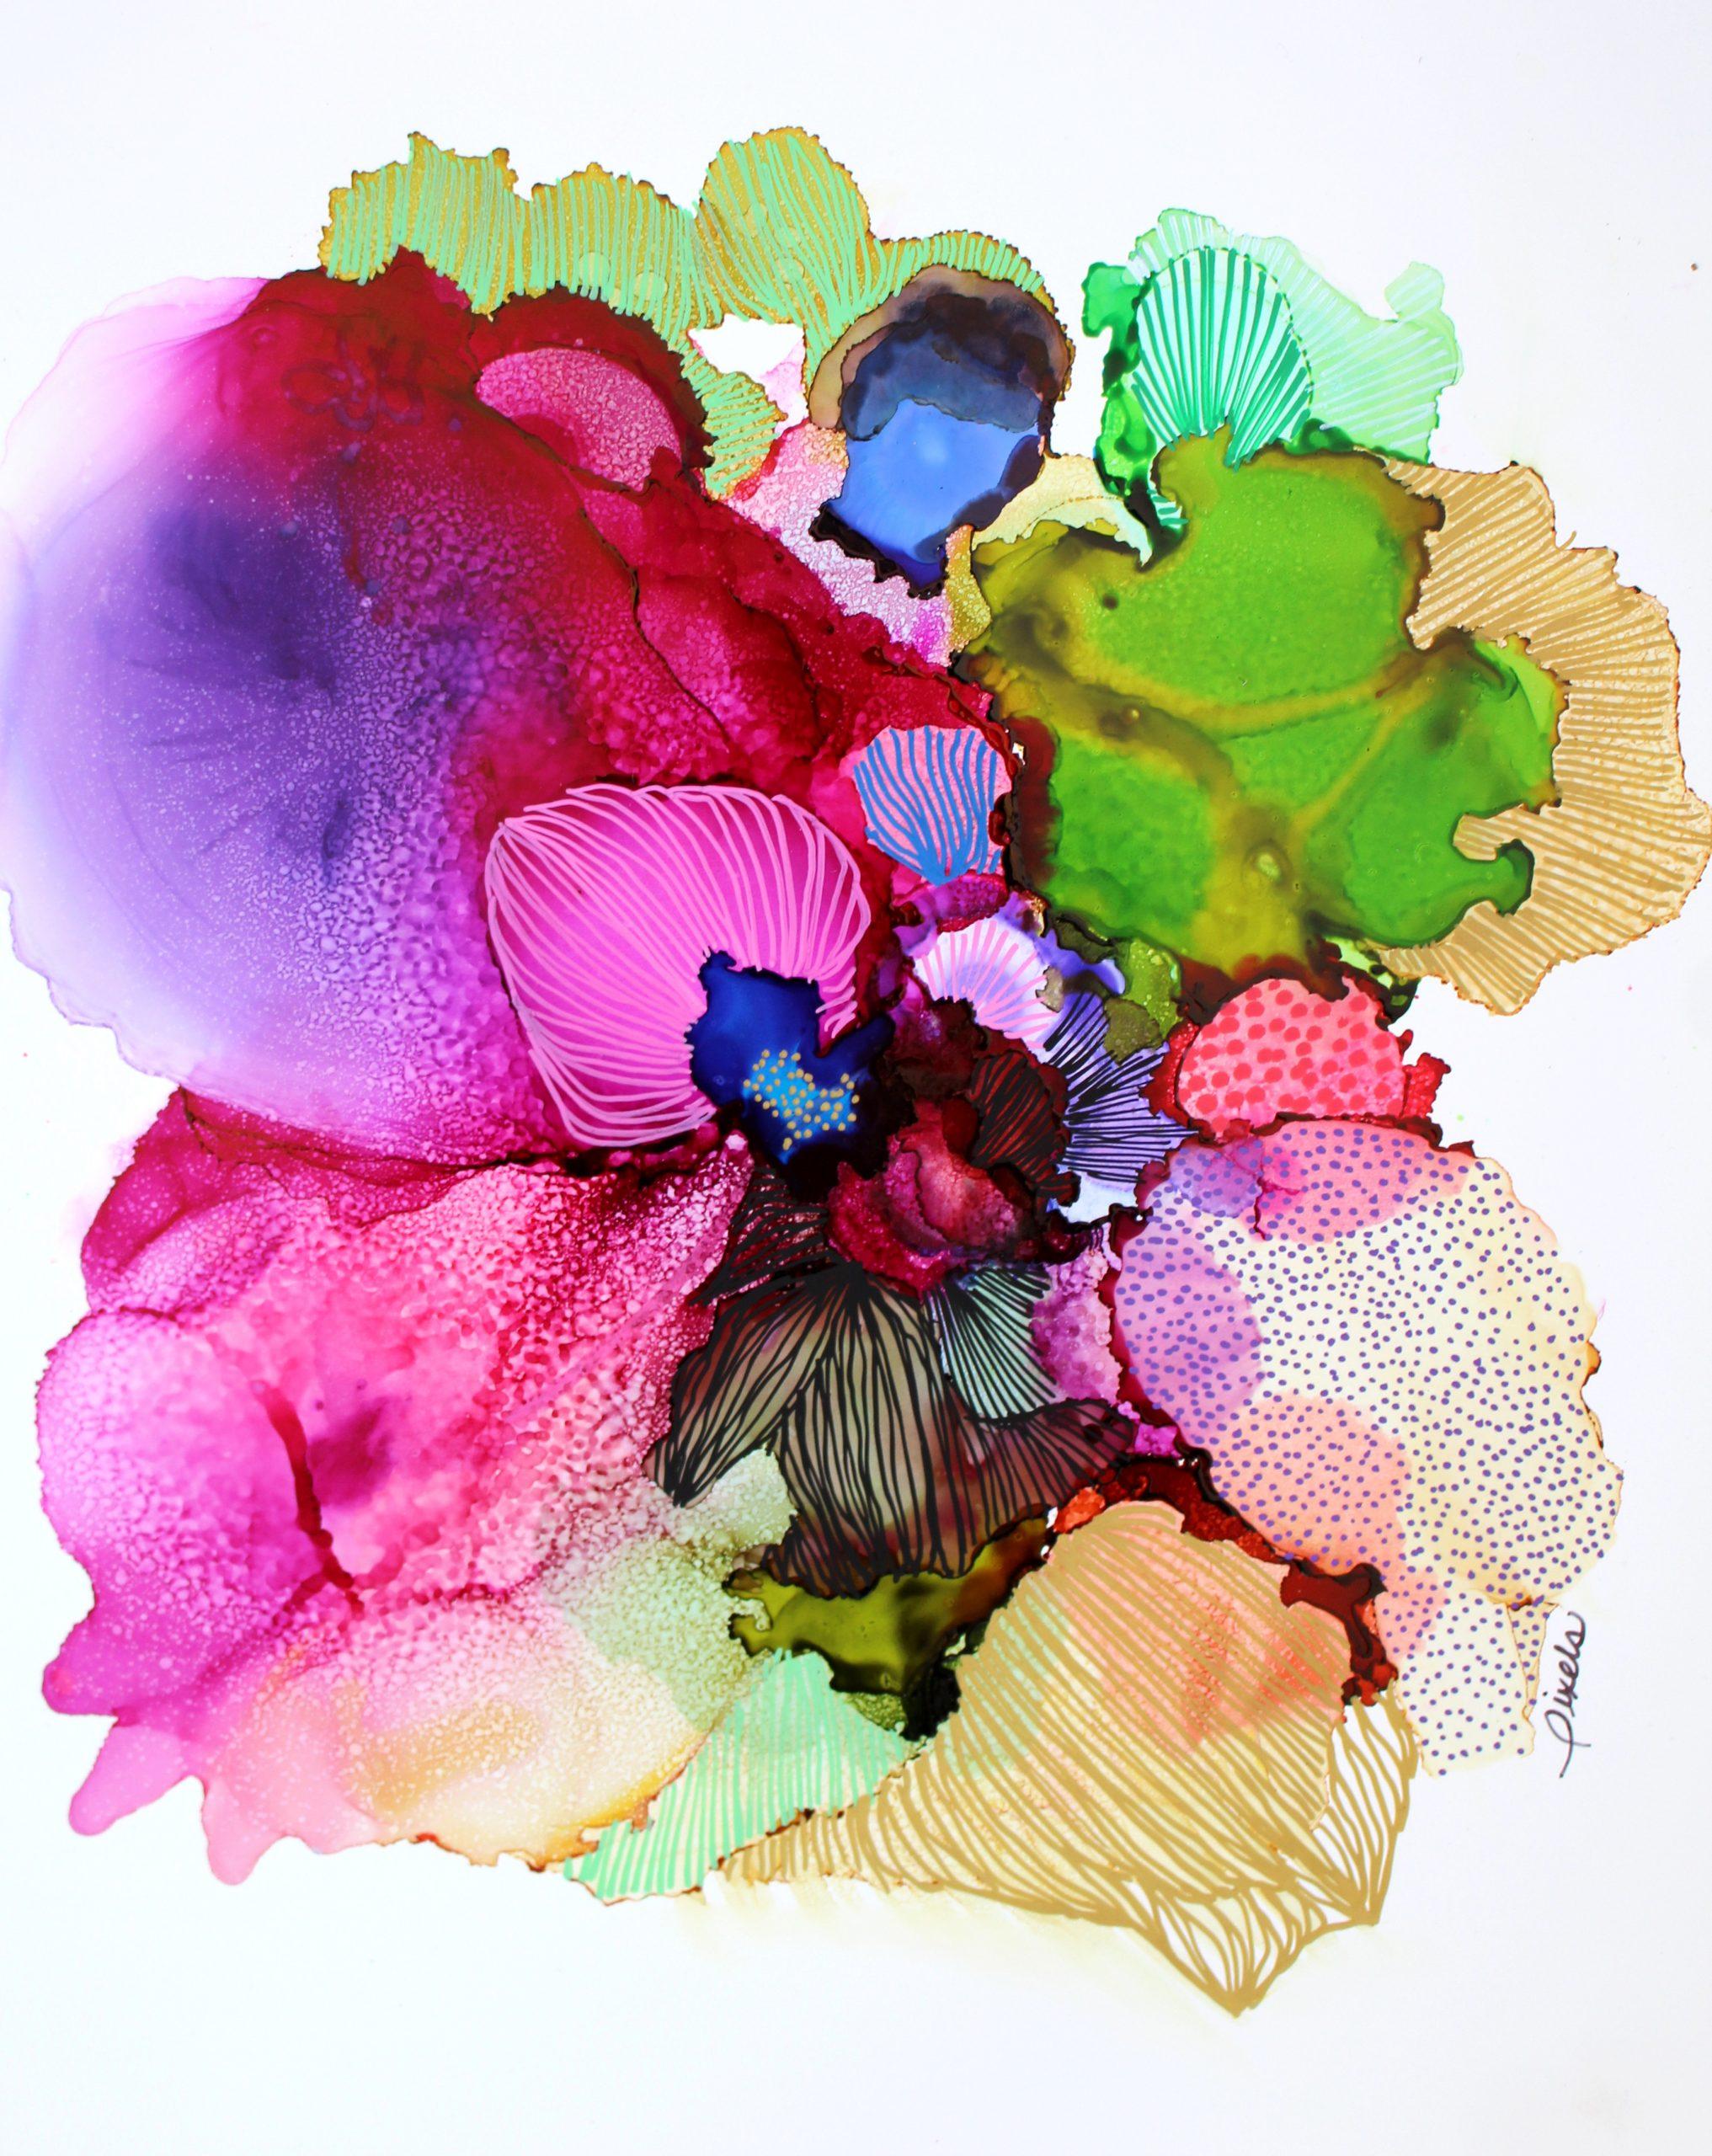 Encre sur papier,couleurs, vivant, pixels